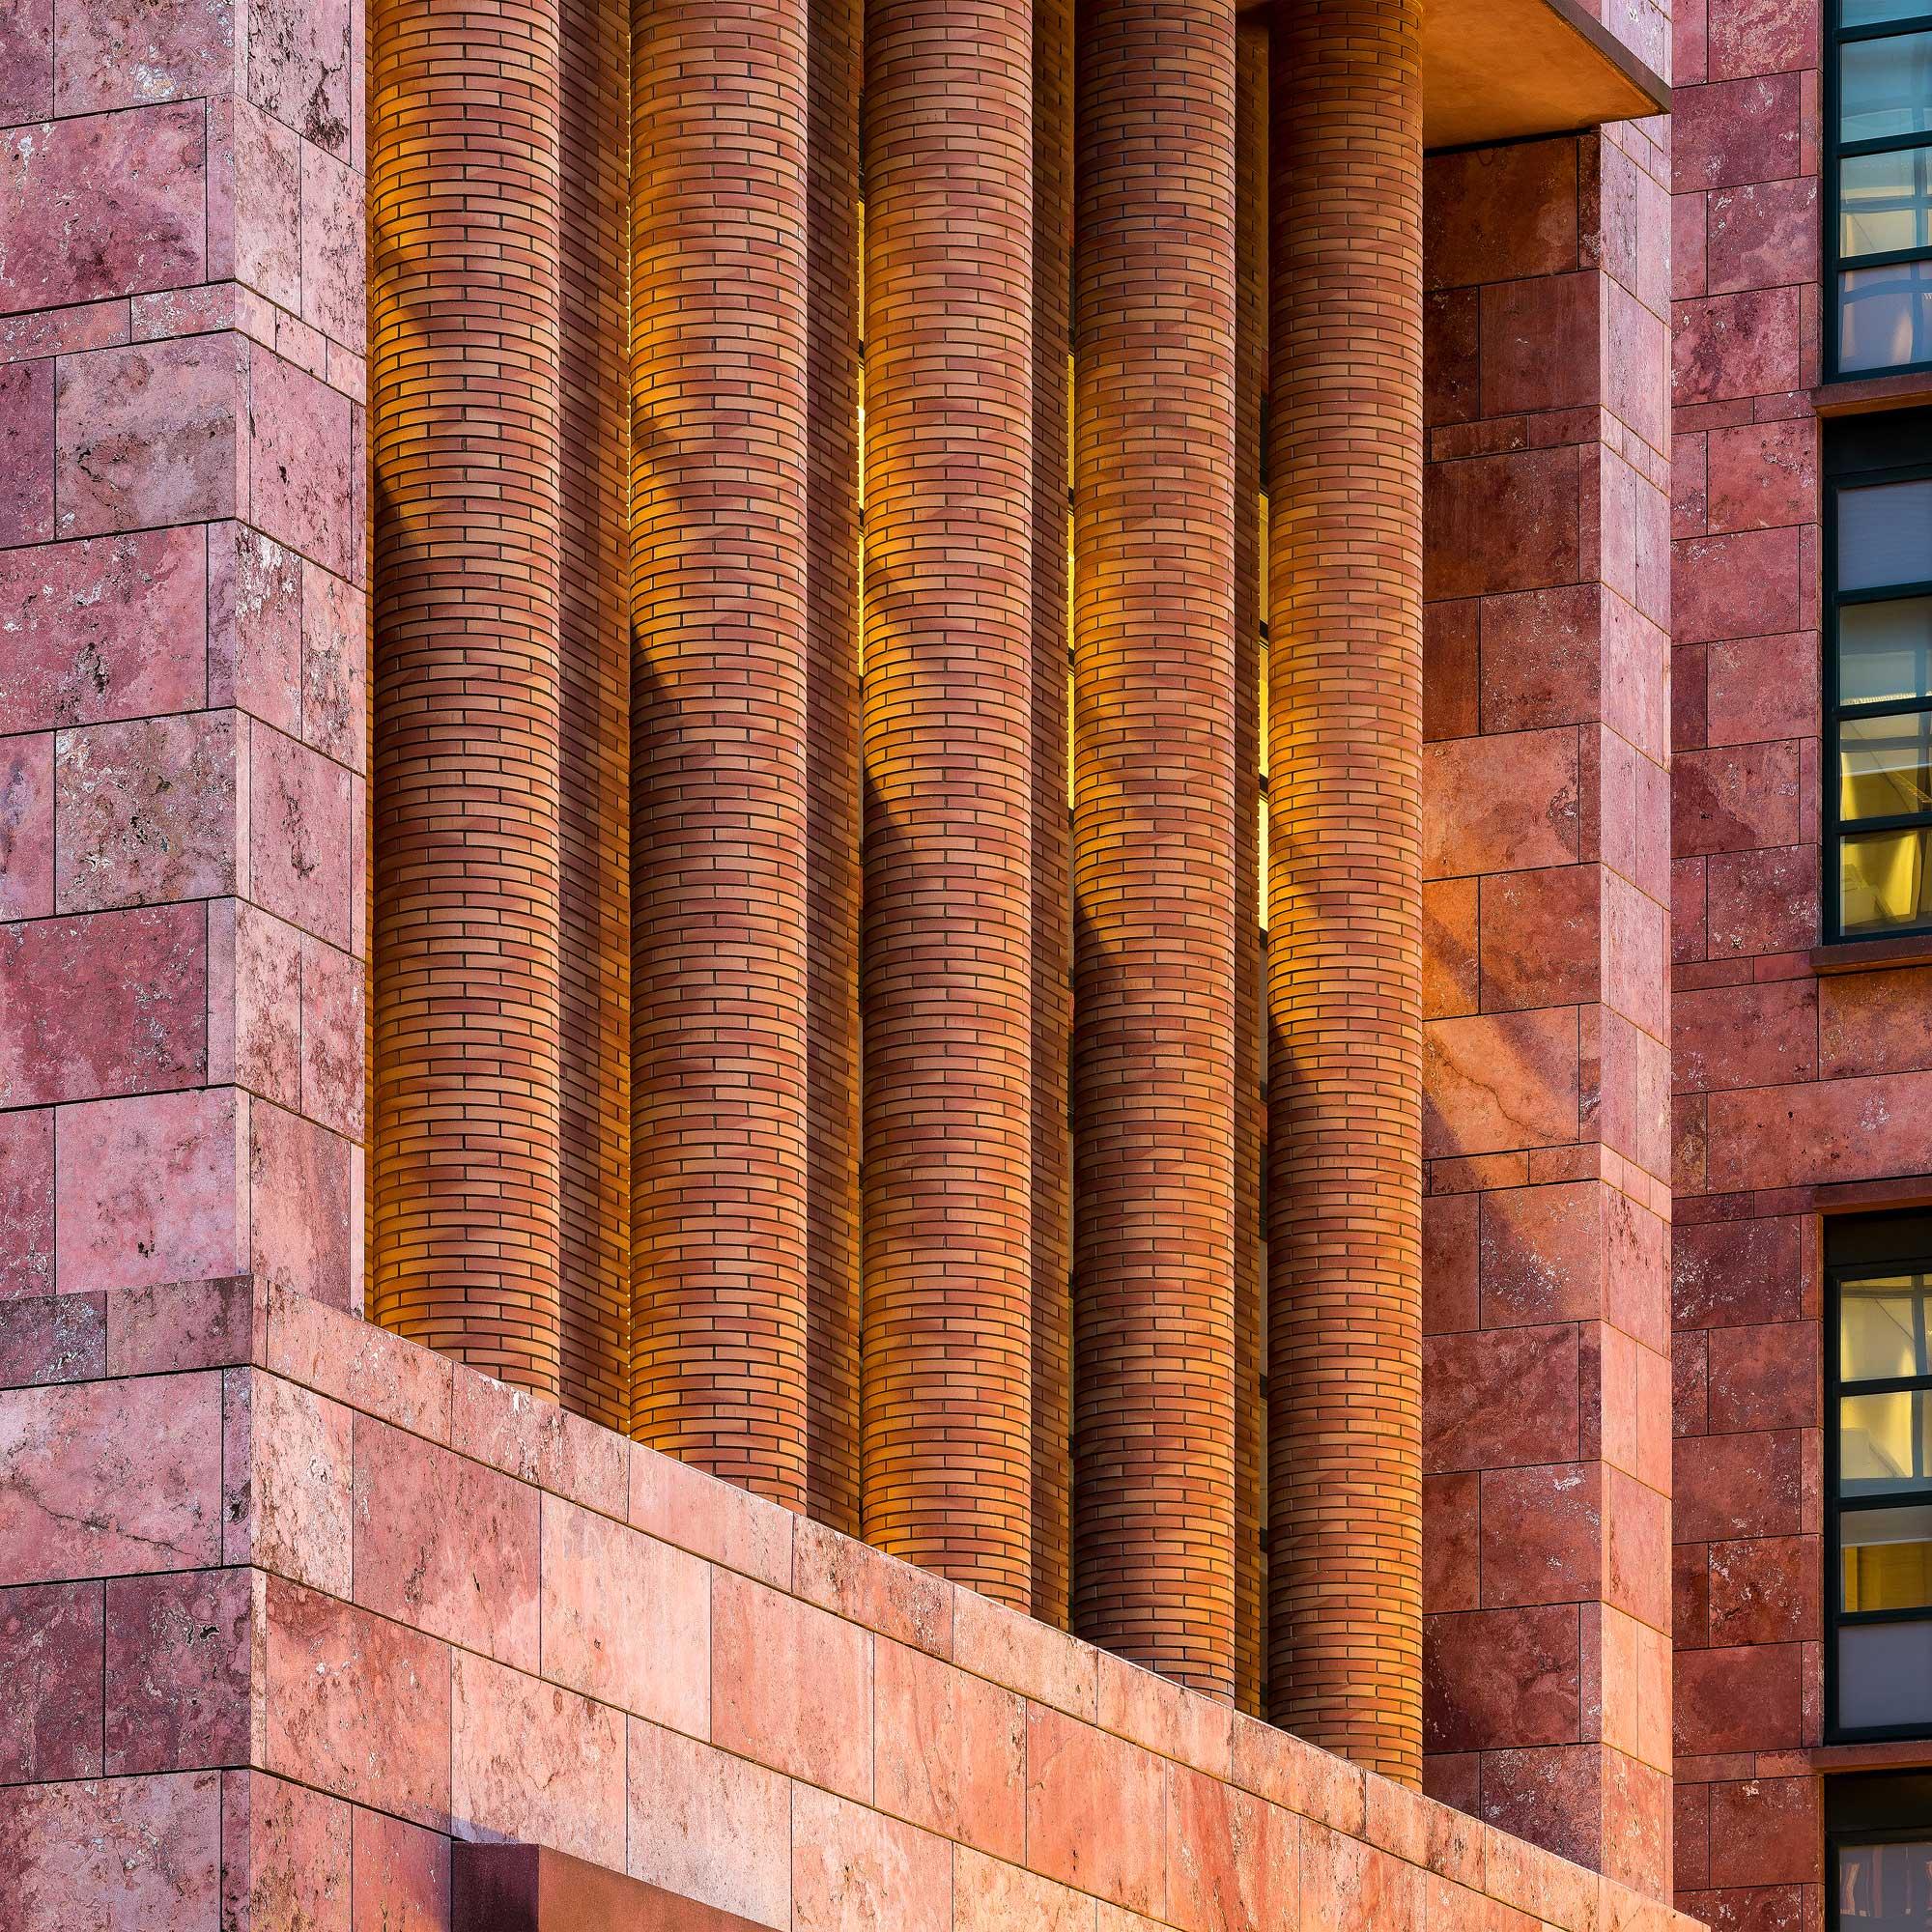 Baker McKenzie kantoor, Zuidas Amsterdam - Architectuur fotograaf Chiel de Nooyer